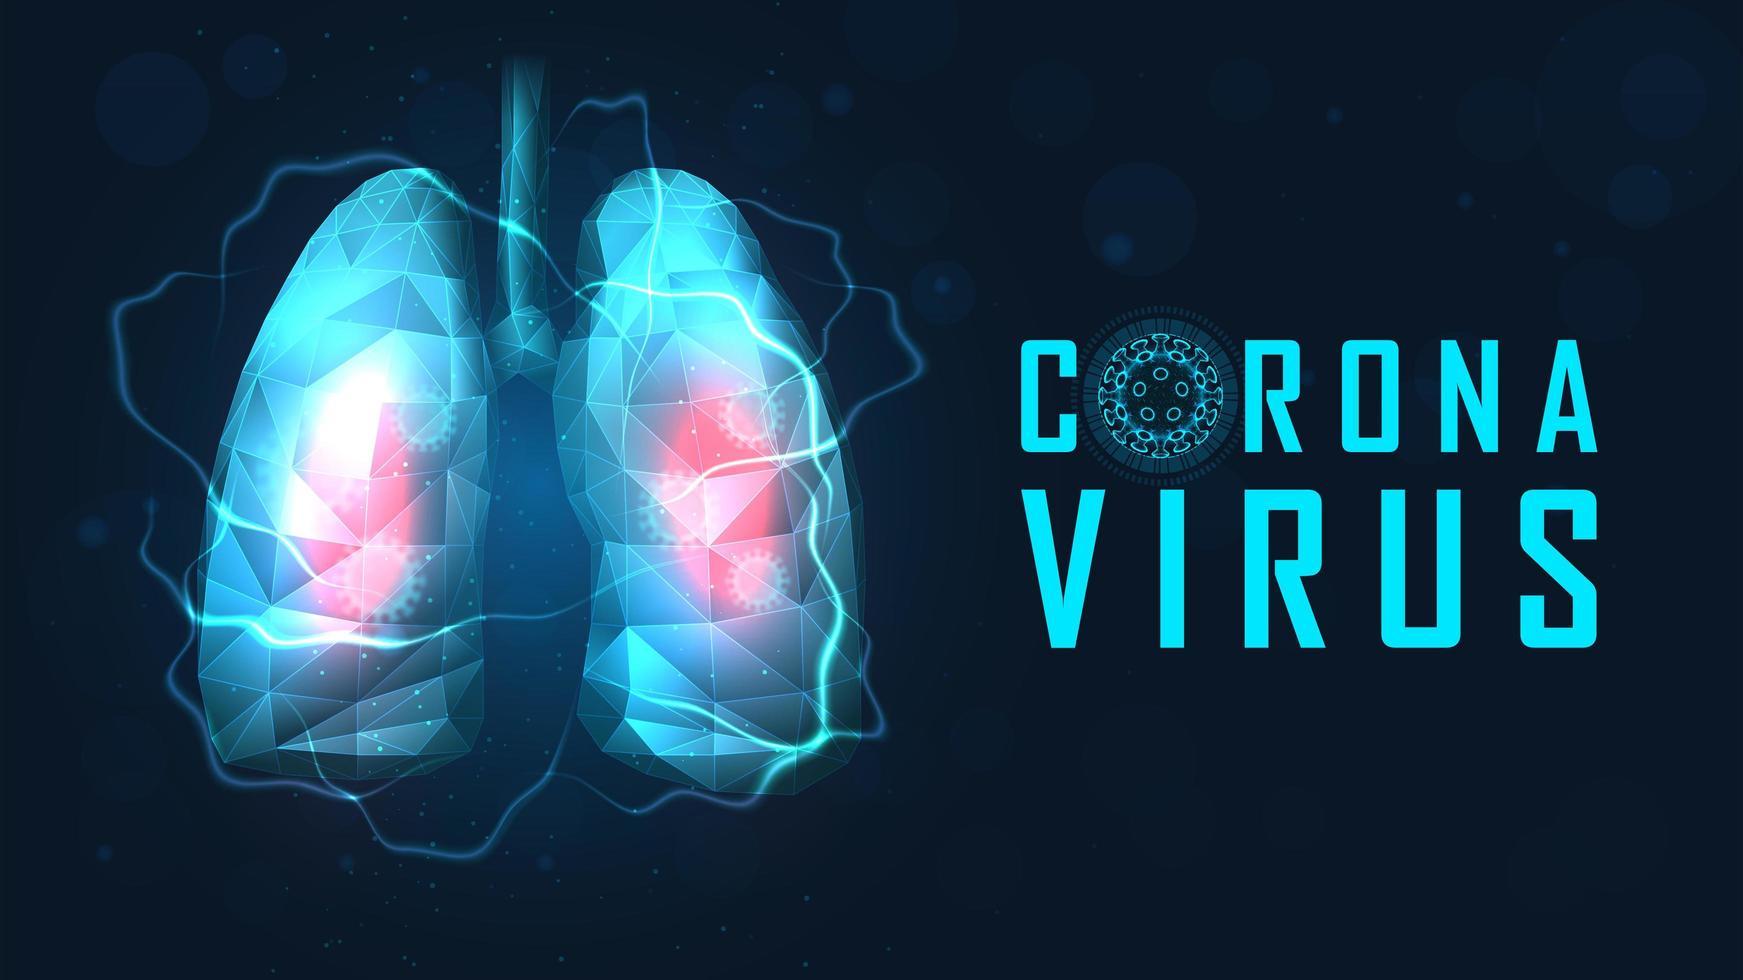 longen in polygoonstijl geïnfecteerd door coronavirus vector